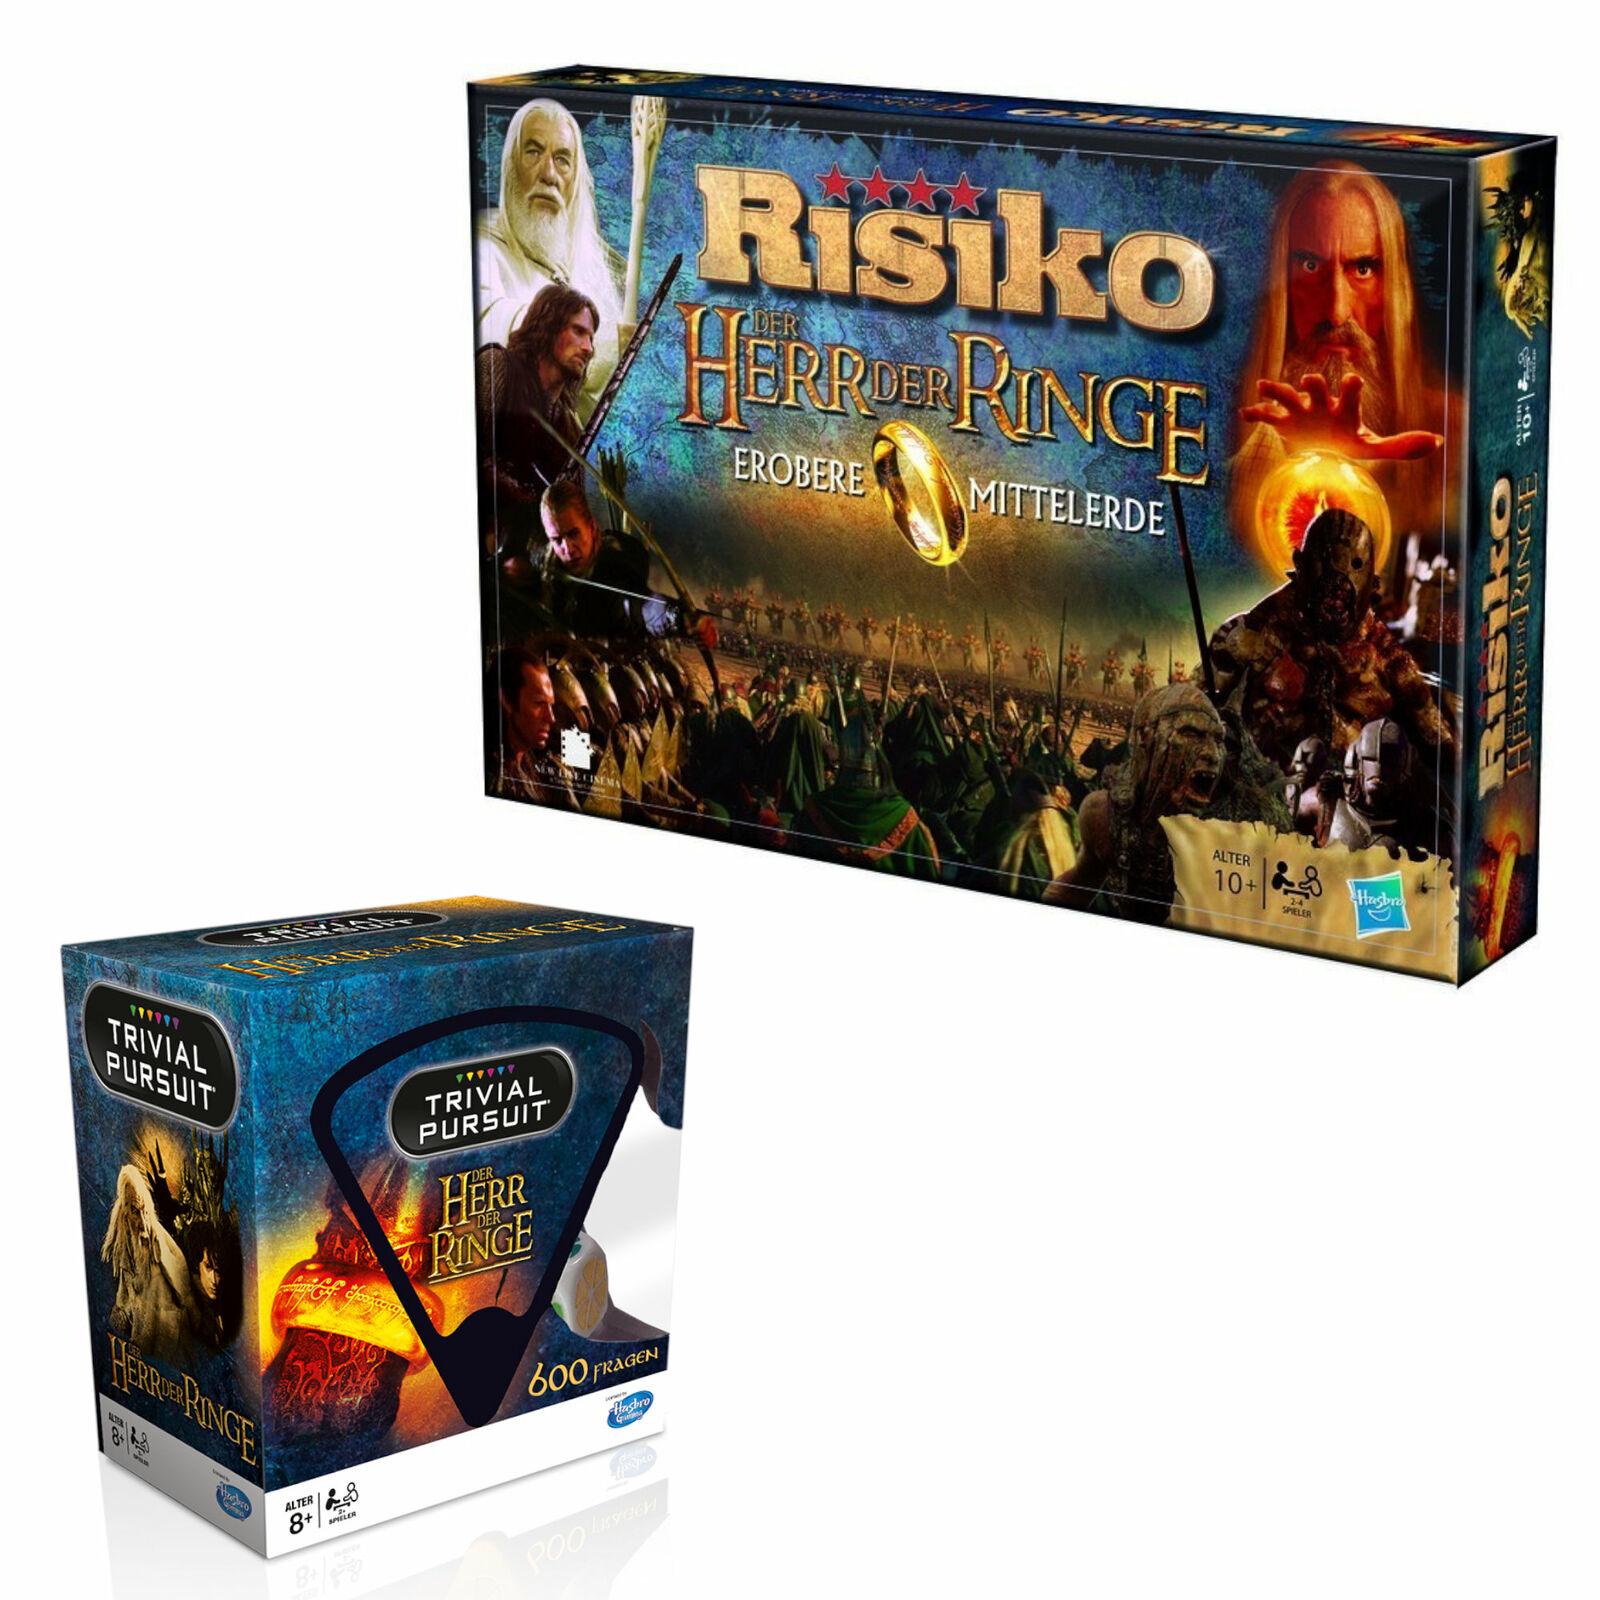 Herr der Ringe Bundle Risiko + Trivial Pursuit Quiz Strategiespiel Brettspiel